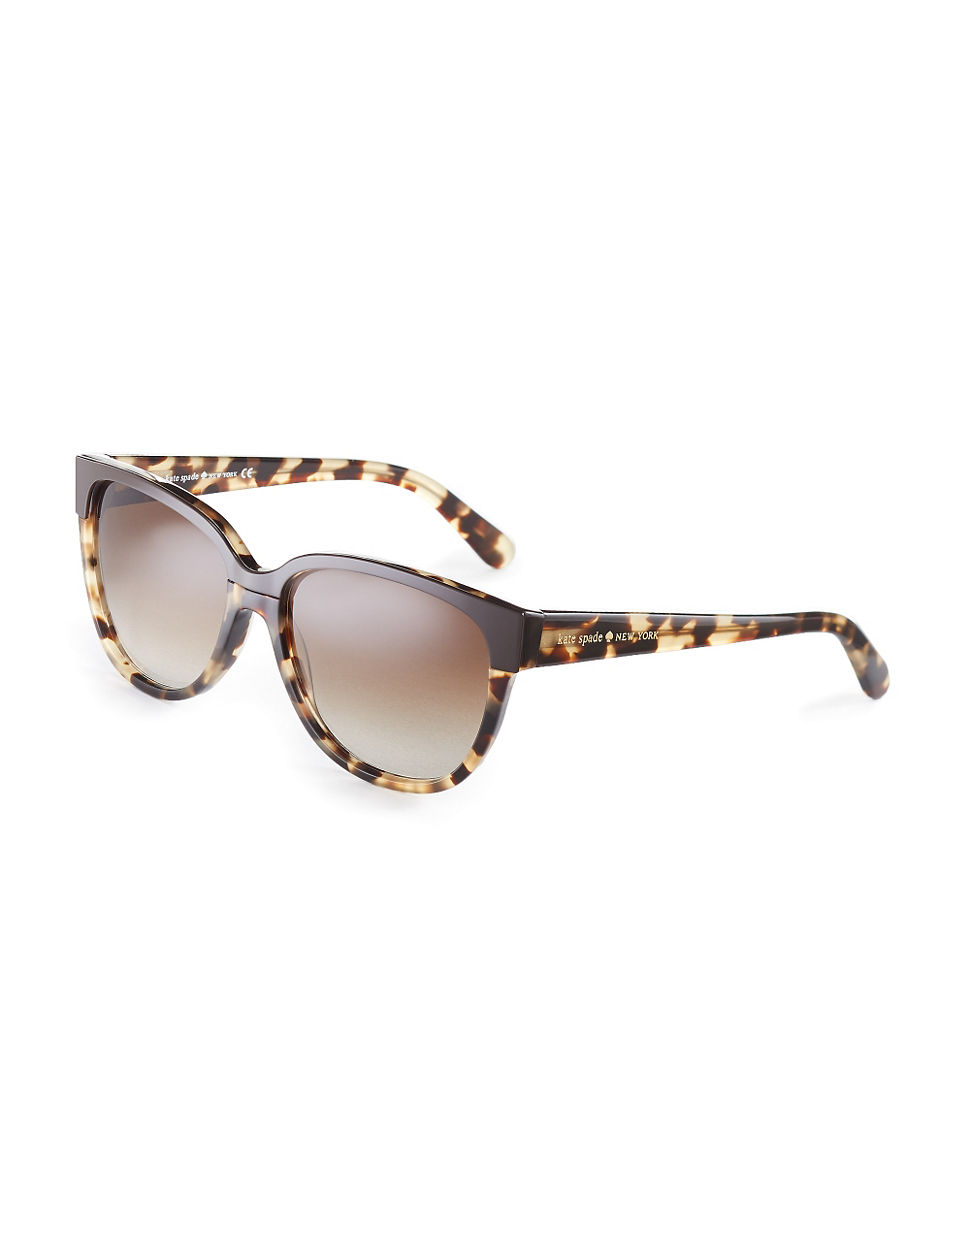 Kate Spade Tortoise Shell Glasses Frames : Kate spade Tortoise Shell Sunglasses in Brown (Camel Tort ...